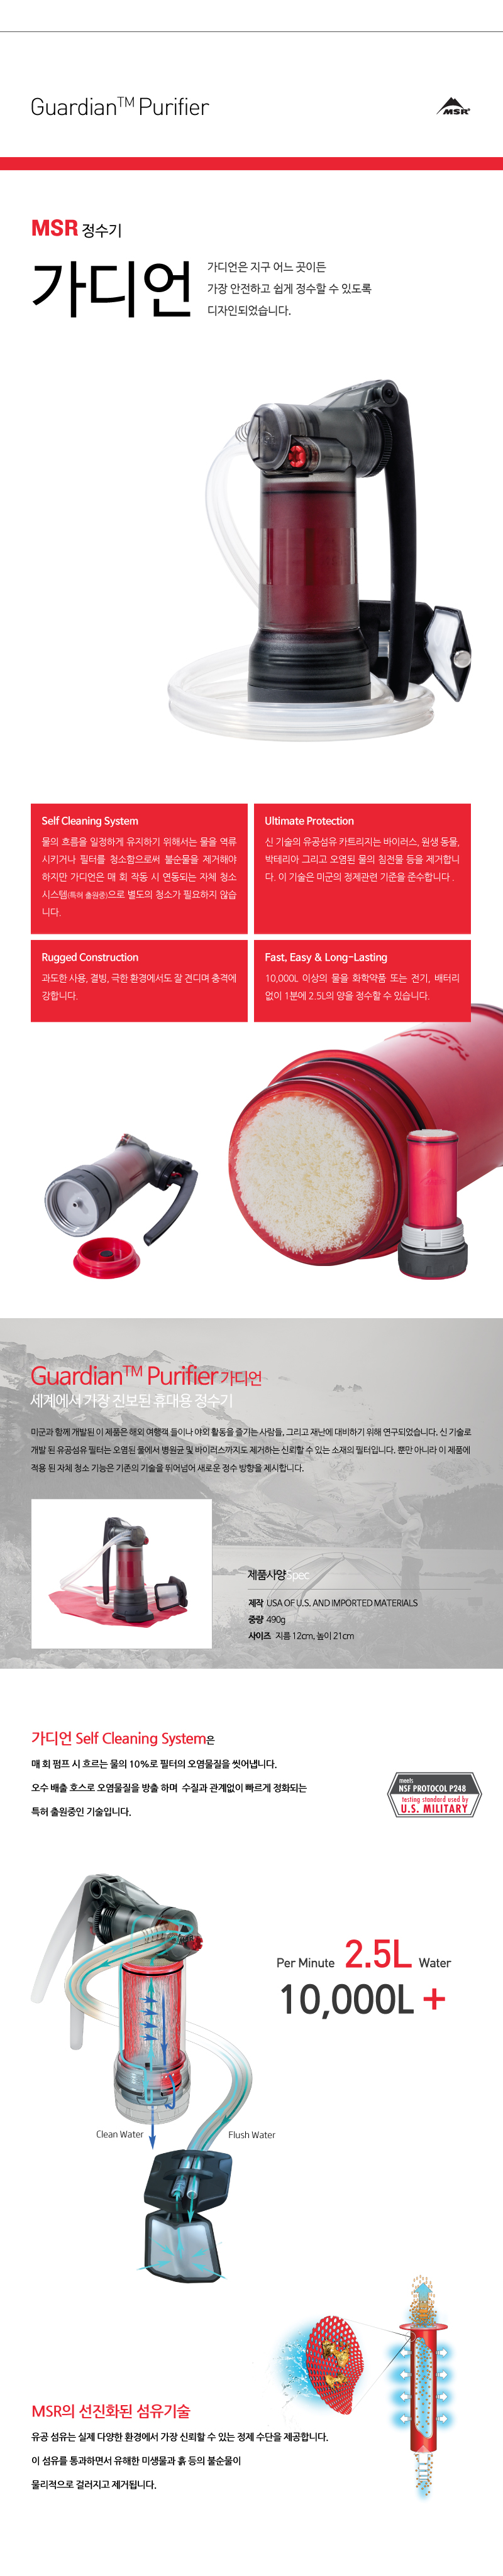 Guardian-Purifier_product